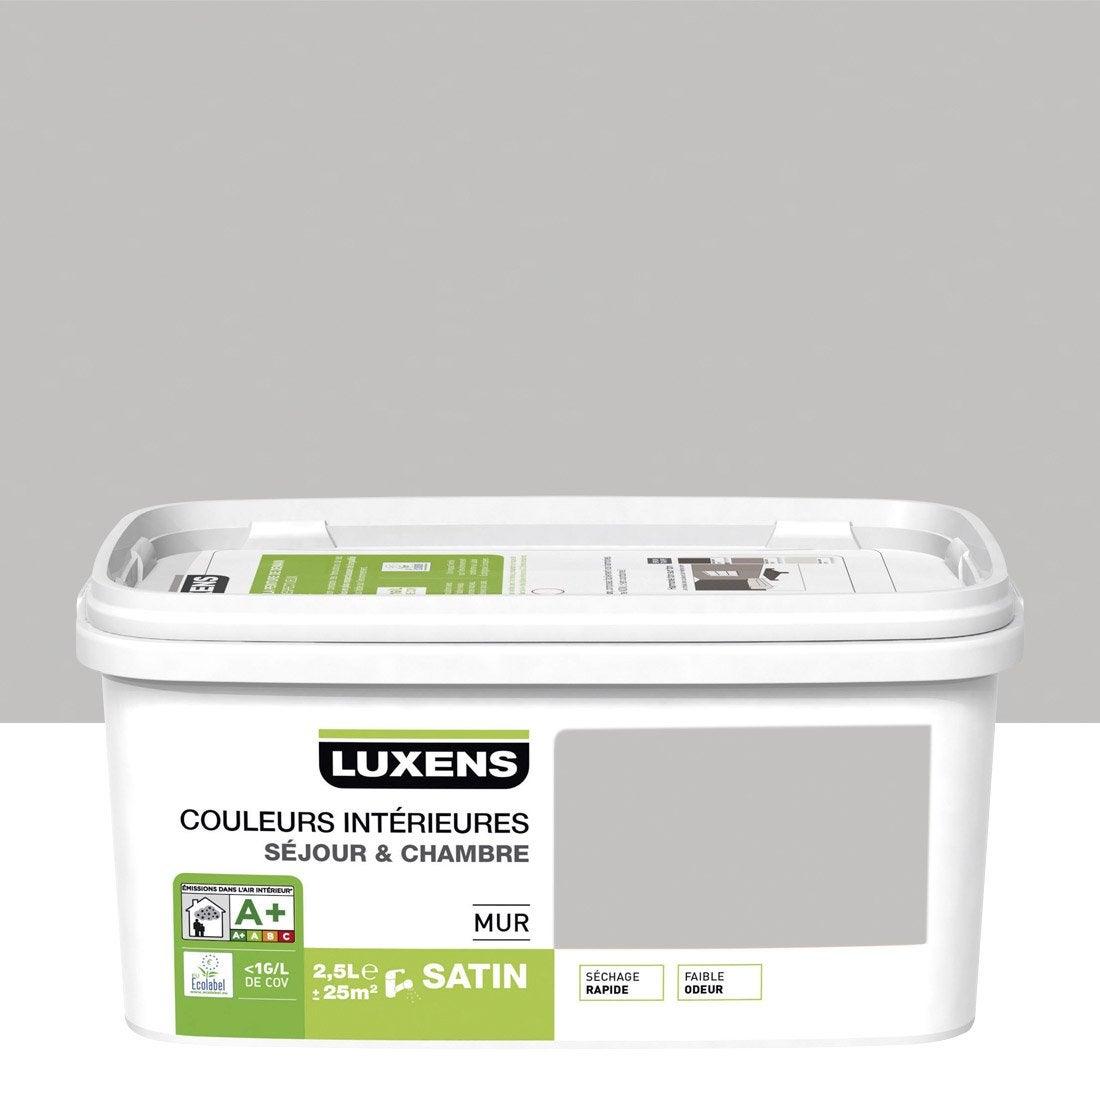 Peinture gris galet 5 luxens couleurs int rieures 2 5 l for Peinture couleur gris